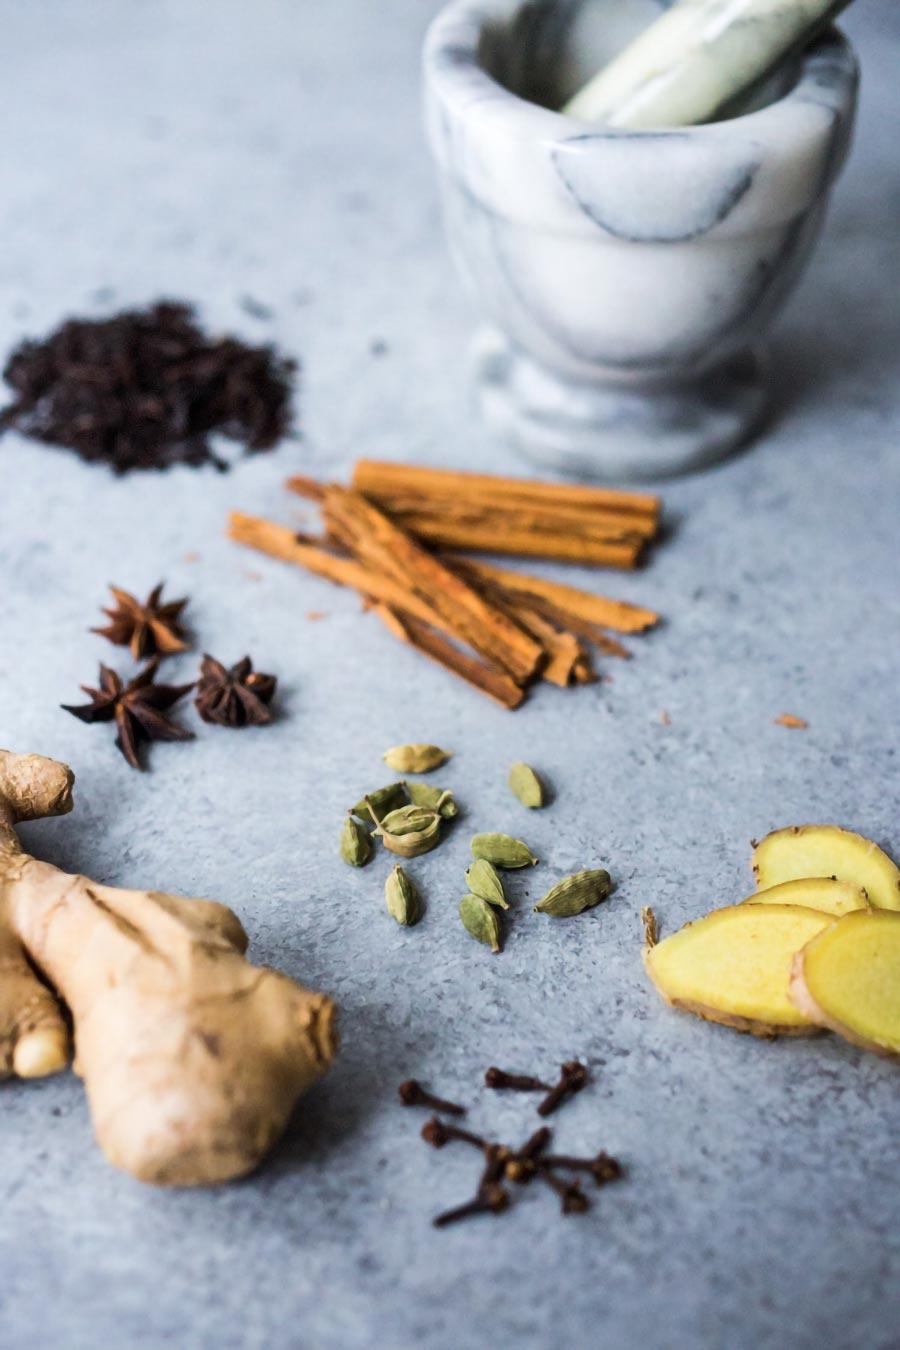 بهترین و کامل ترین دستور تهیه چای